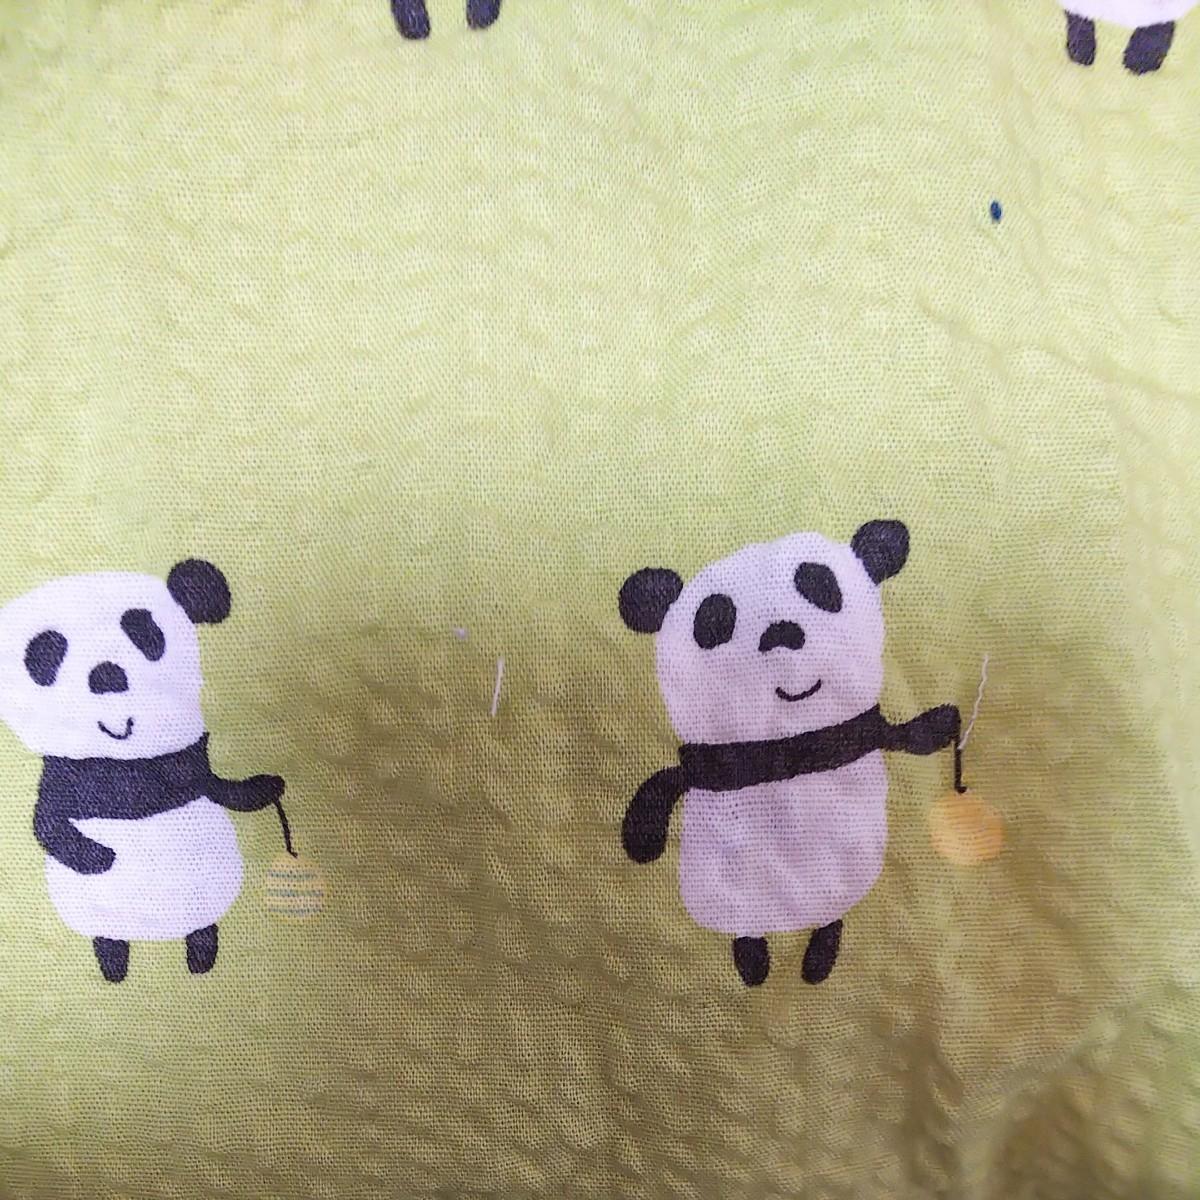 はぎれセット2 ドナルドダック 花柄 パンダ 和柄 スイーツ ピンク チェック生地 はぎれセット